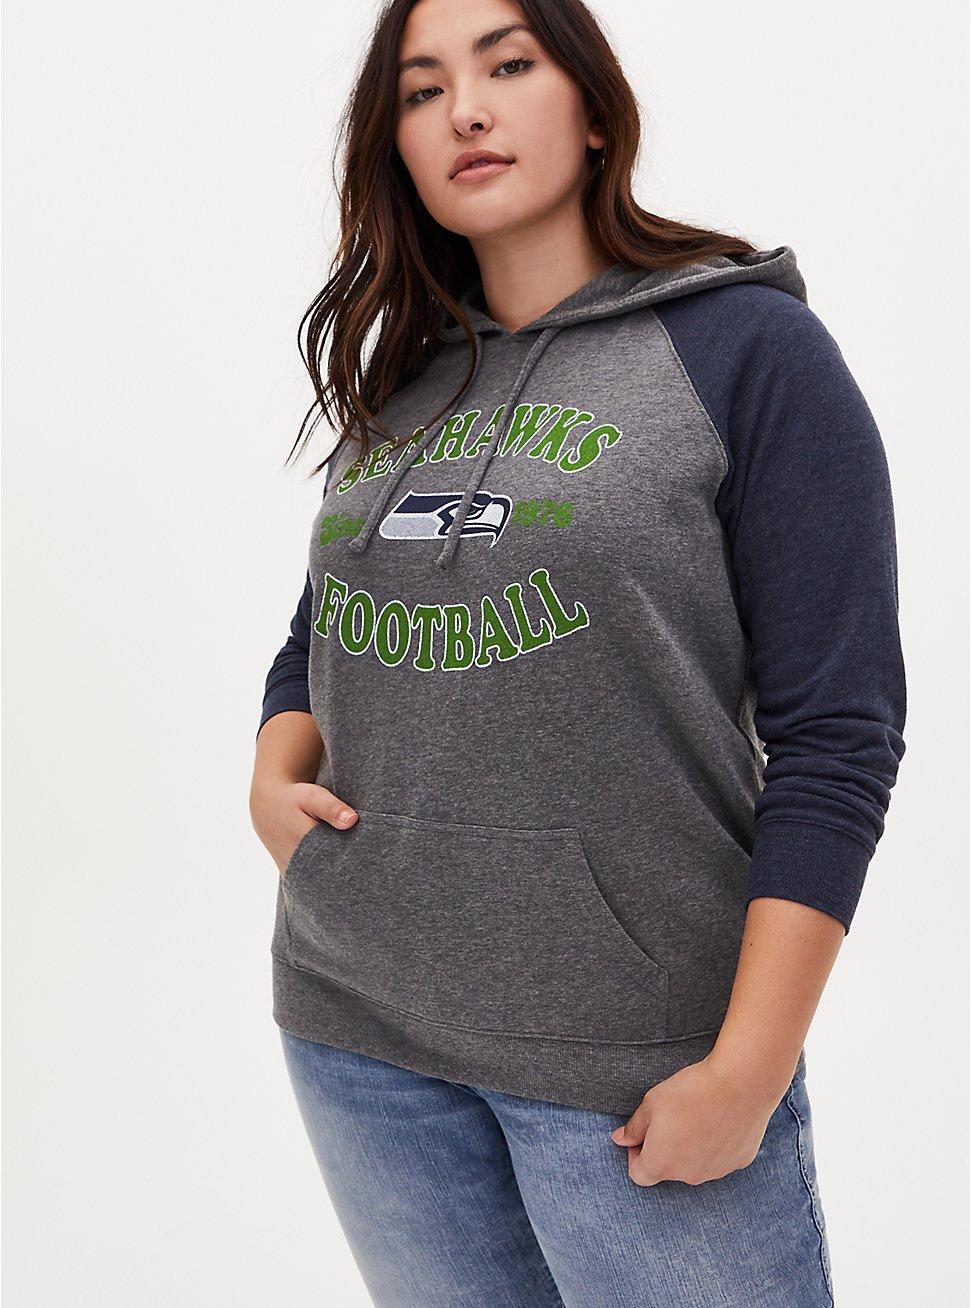 NFL Seattle Seahawks Football Grey & Navy Terry Raglan Hoodie, MEDIUM HEATHER GREY, hi-res